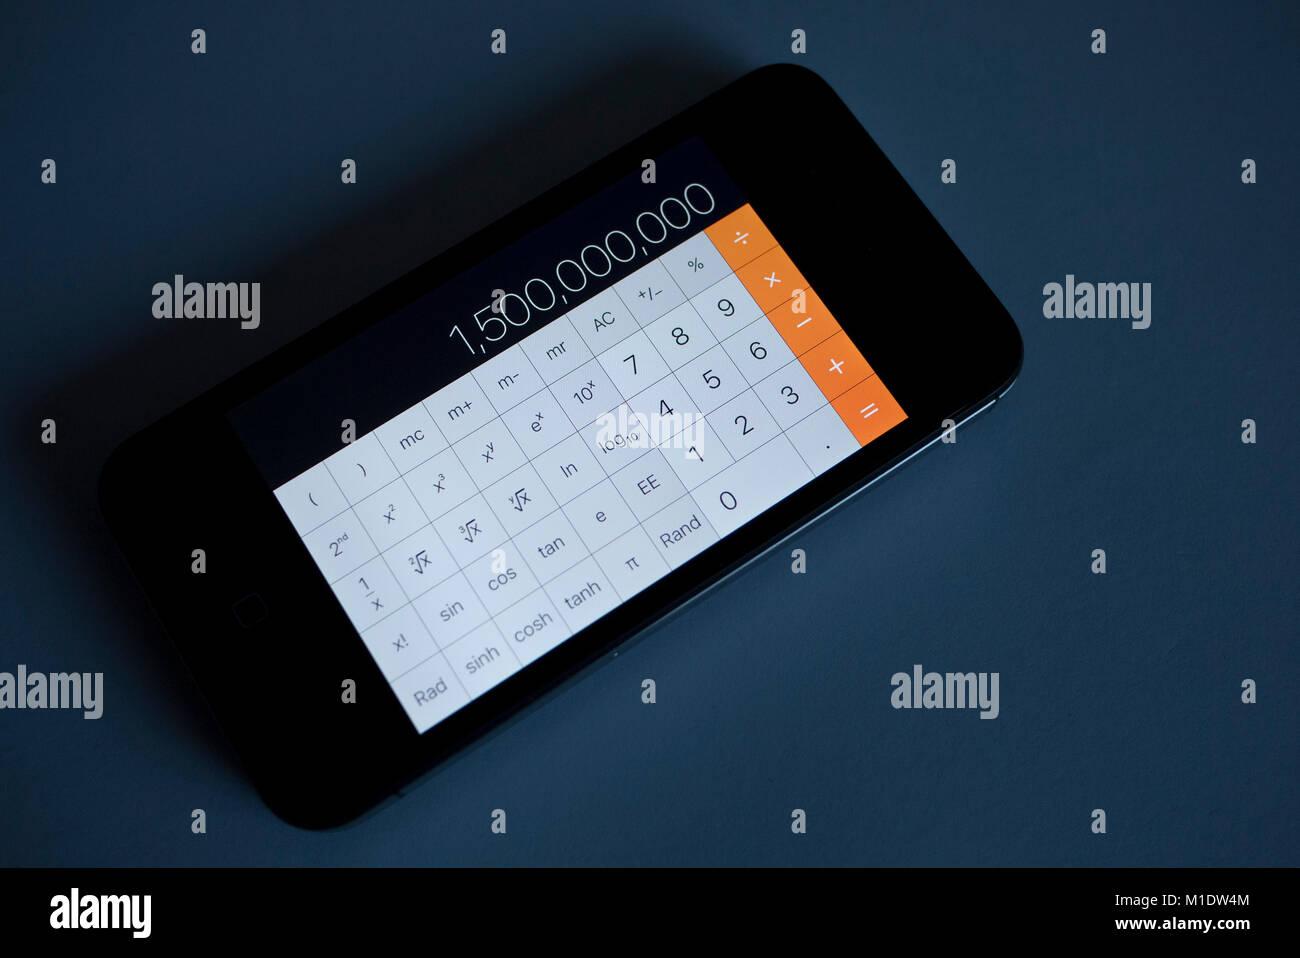 I Phone 4s che mostra la calcolatrice, UK. Immagini Stock